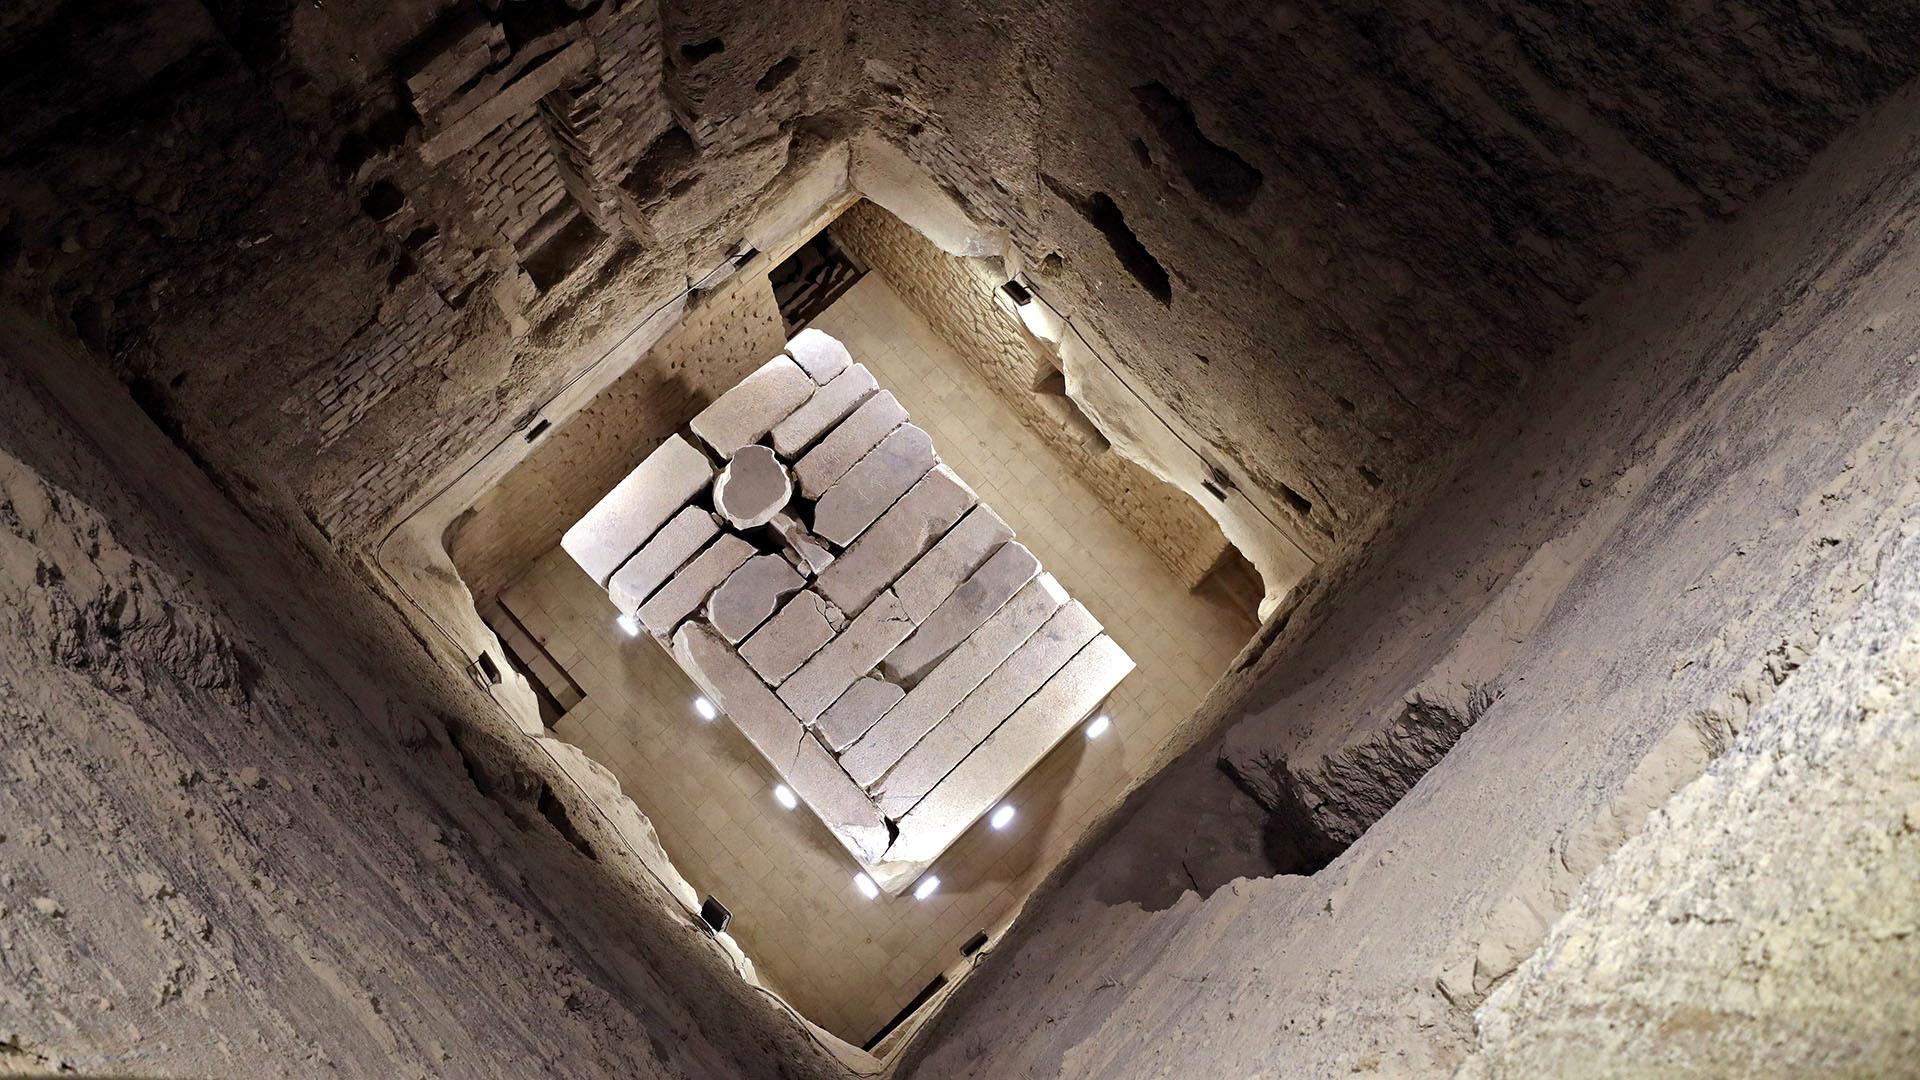 Las autoridades egipcias inauguraron la famosa pirámide escalonada de Djoser, una de las primeras construidas en la antigua historia antigua, después de años de renovación (AFP)